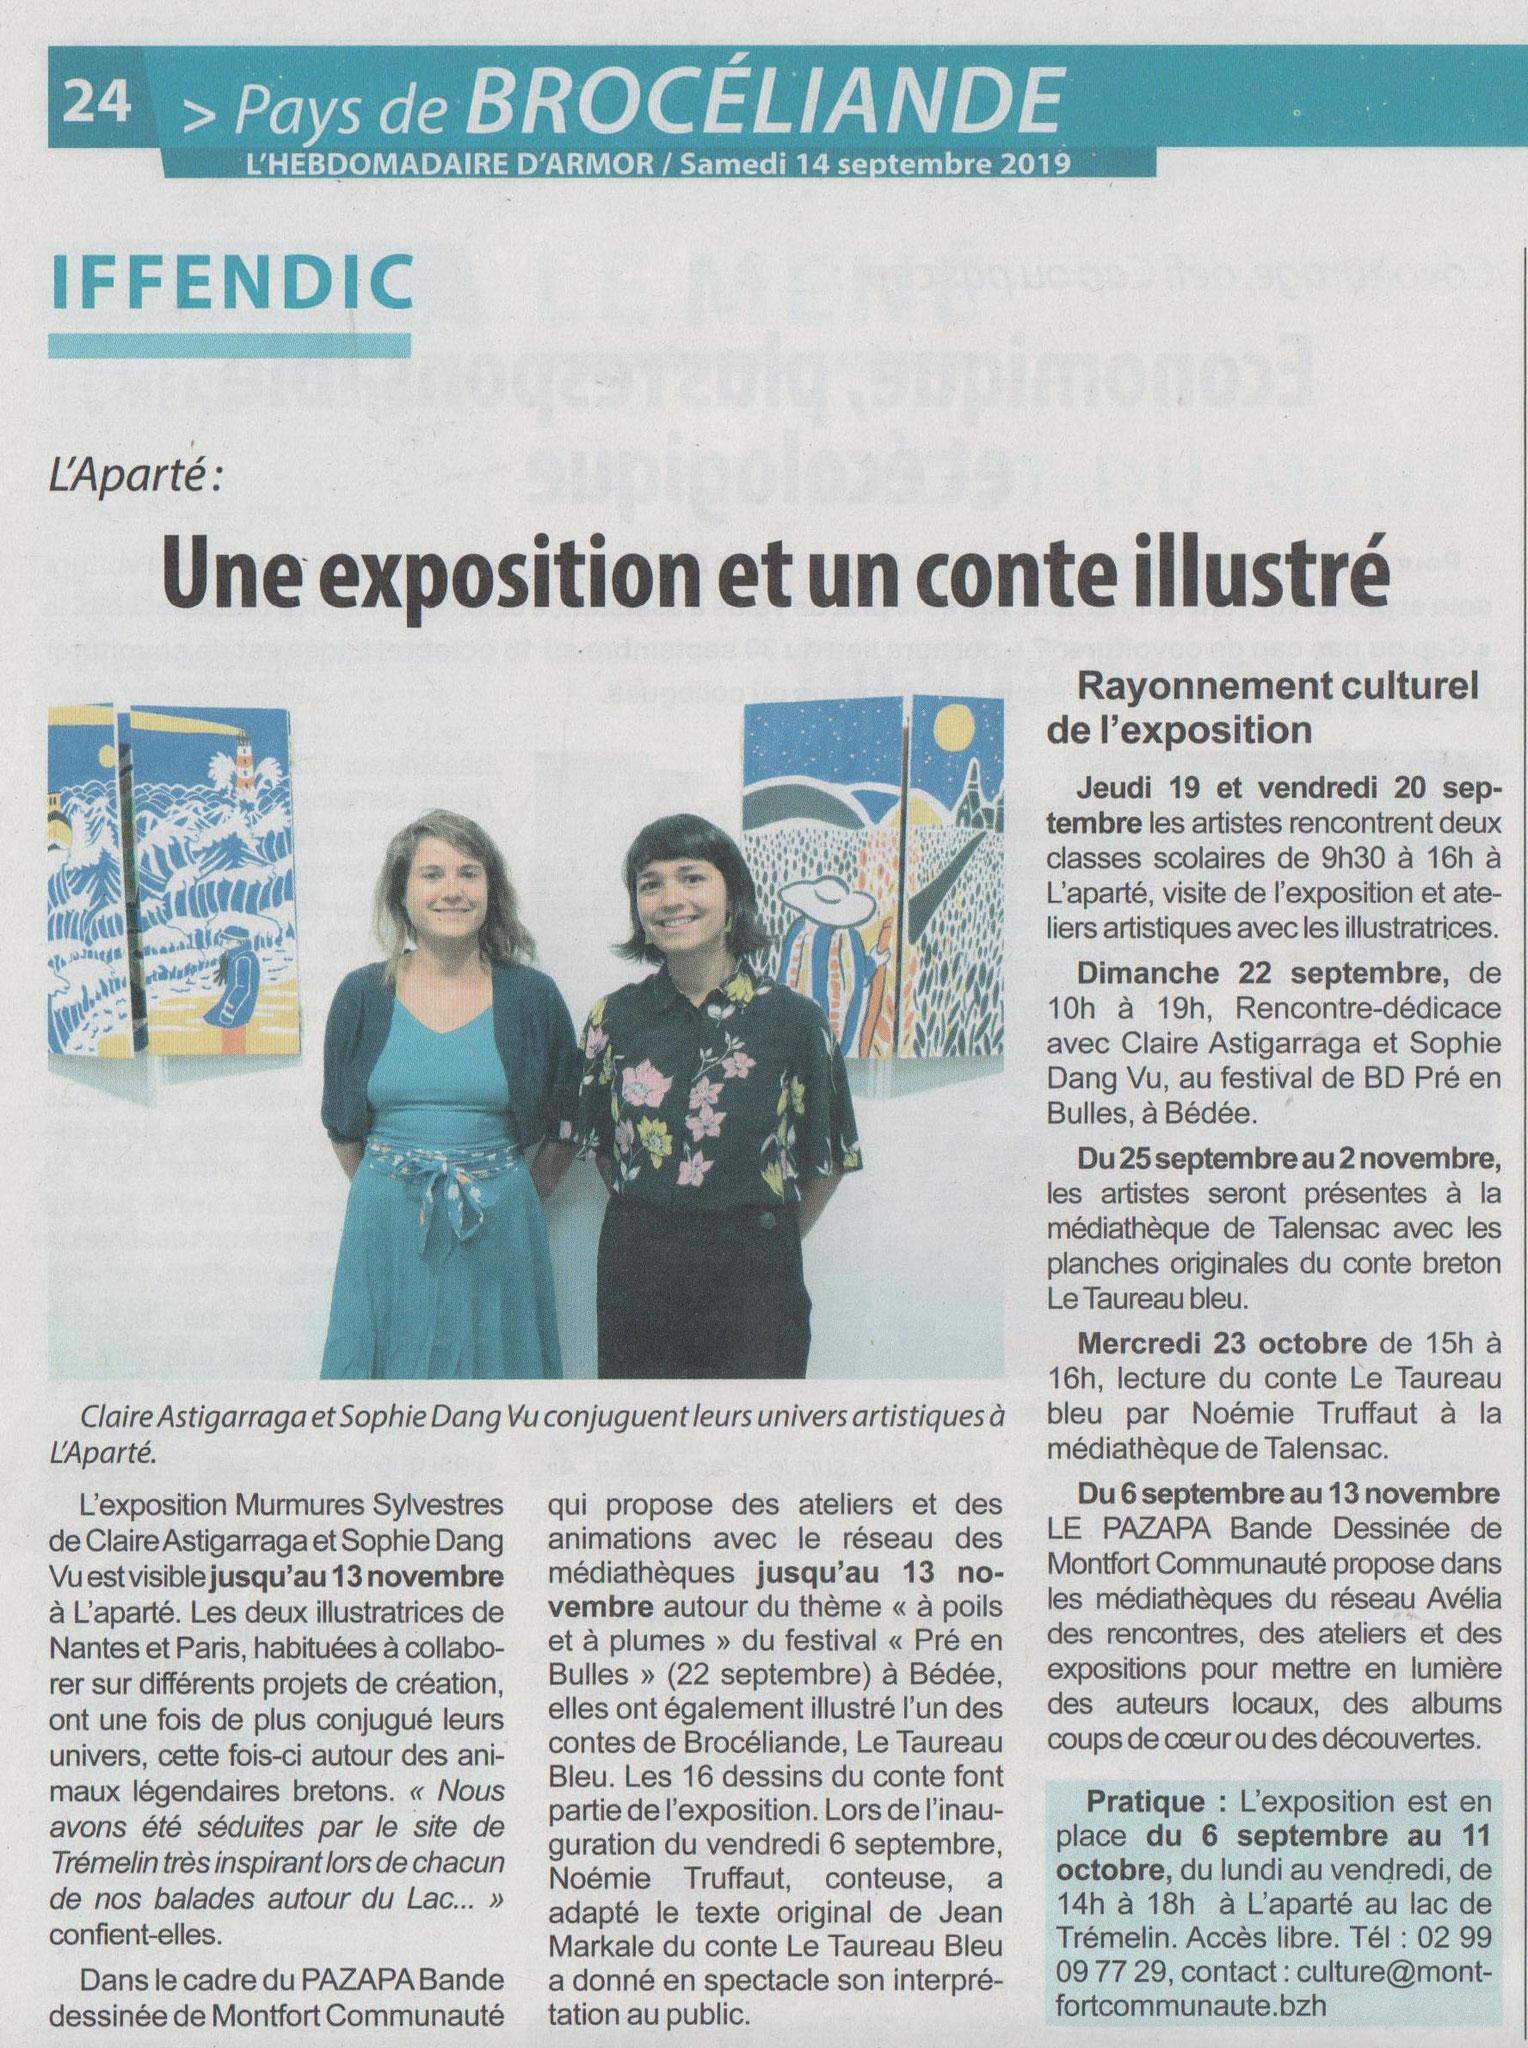 Article Hebdomadaire d'Armor du 14 septembre 2019